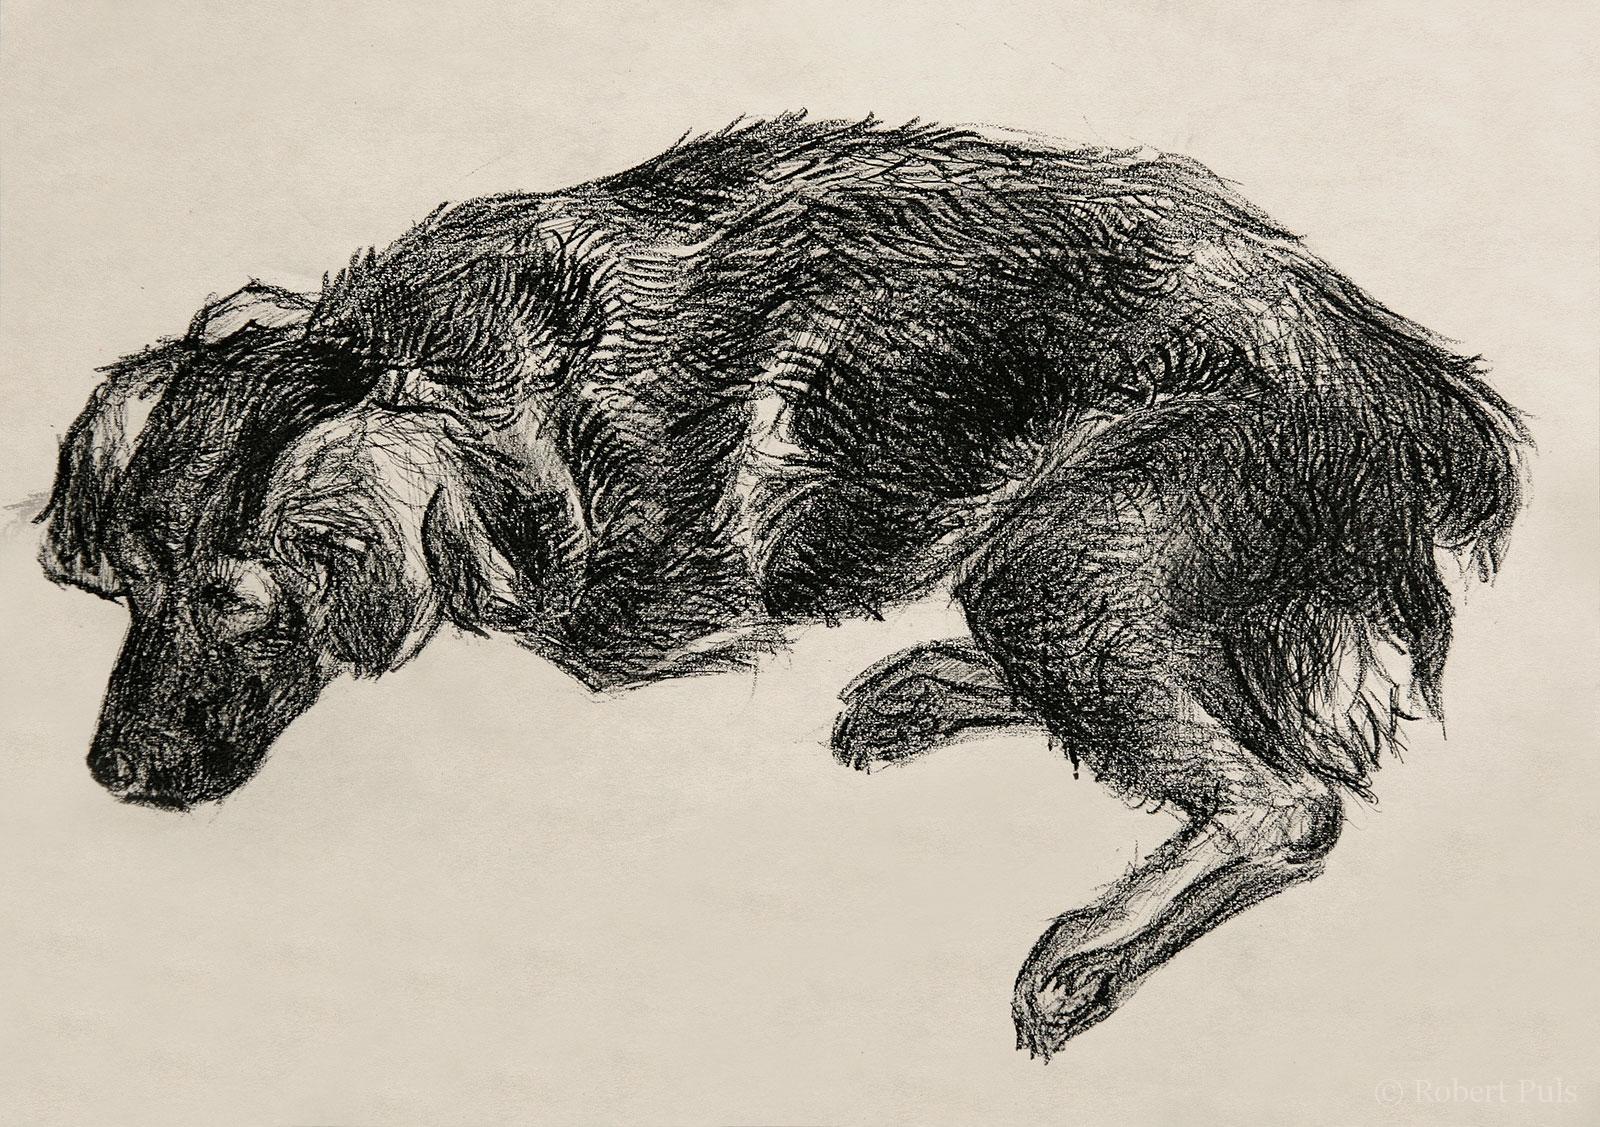 Hund schlafend Kohlezeichnung